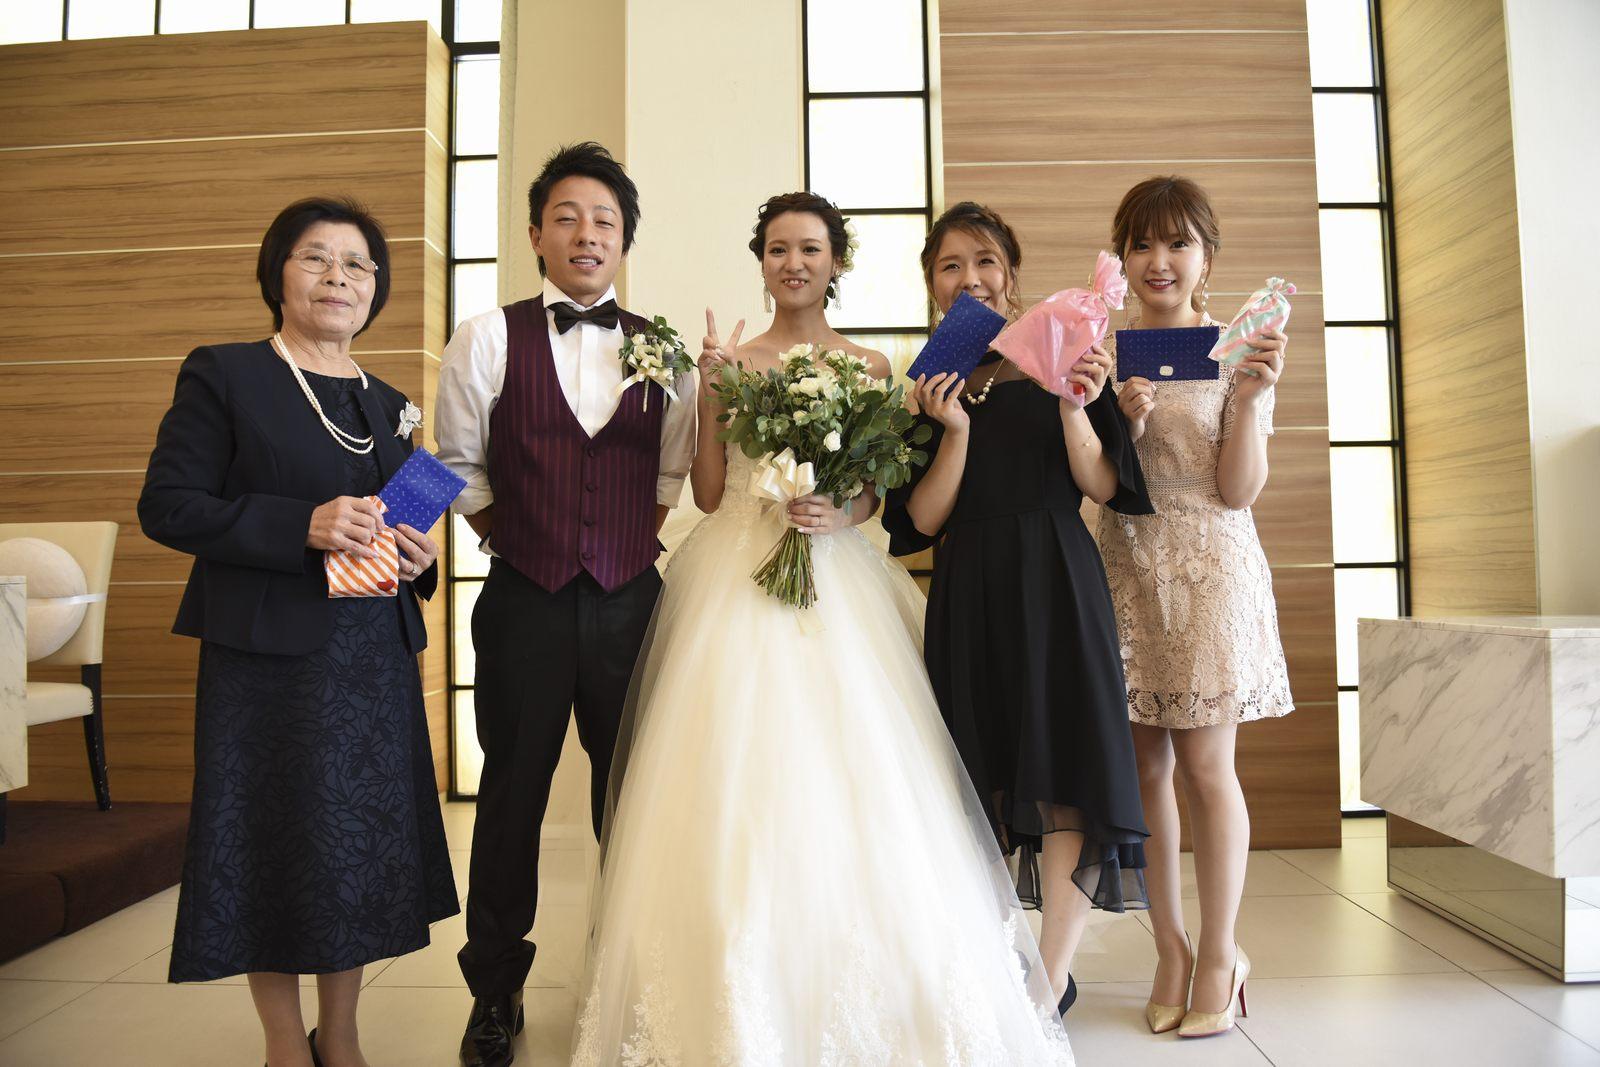 香川県の結婚式場アイスタイルでゲストと一緒に記念撮影